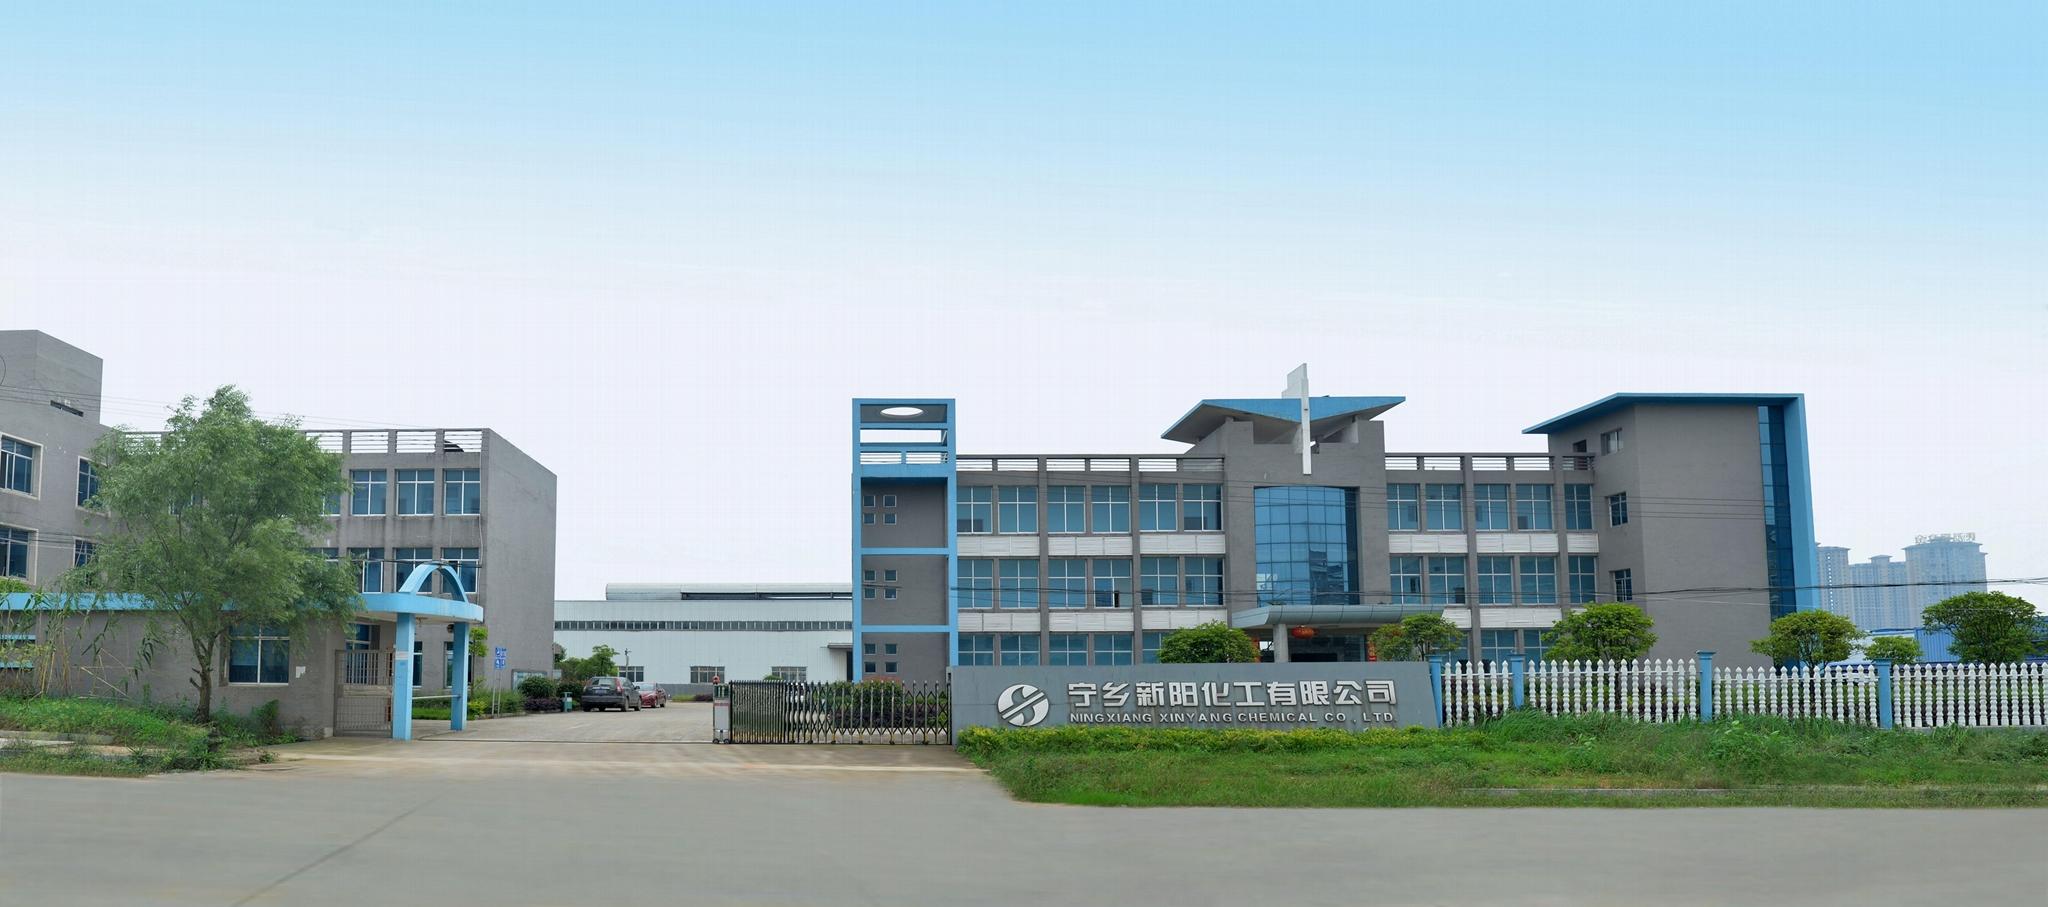 工厂现货供应九水柠檬酸镁,柠檬酸镁九水化合物 153531-96-5 2